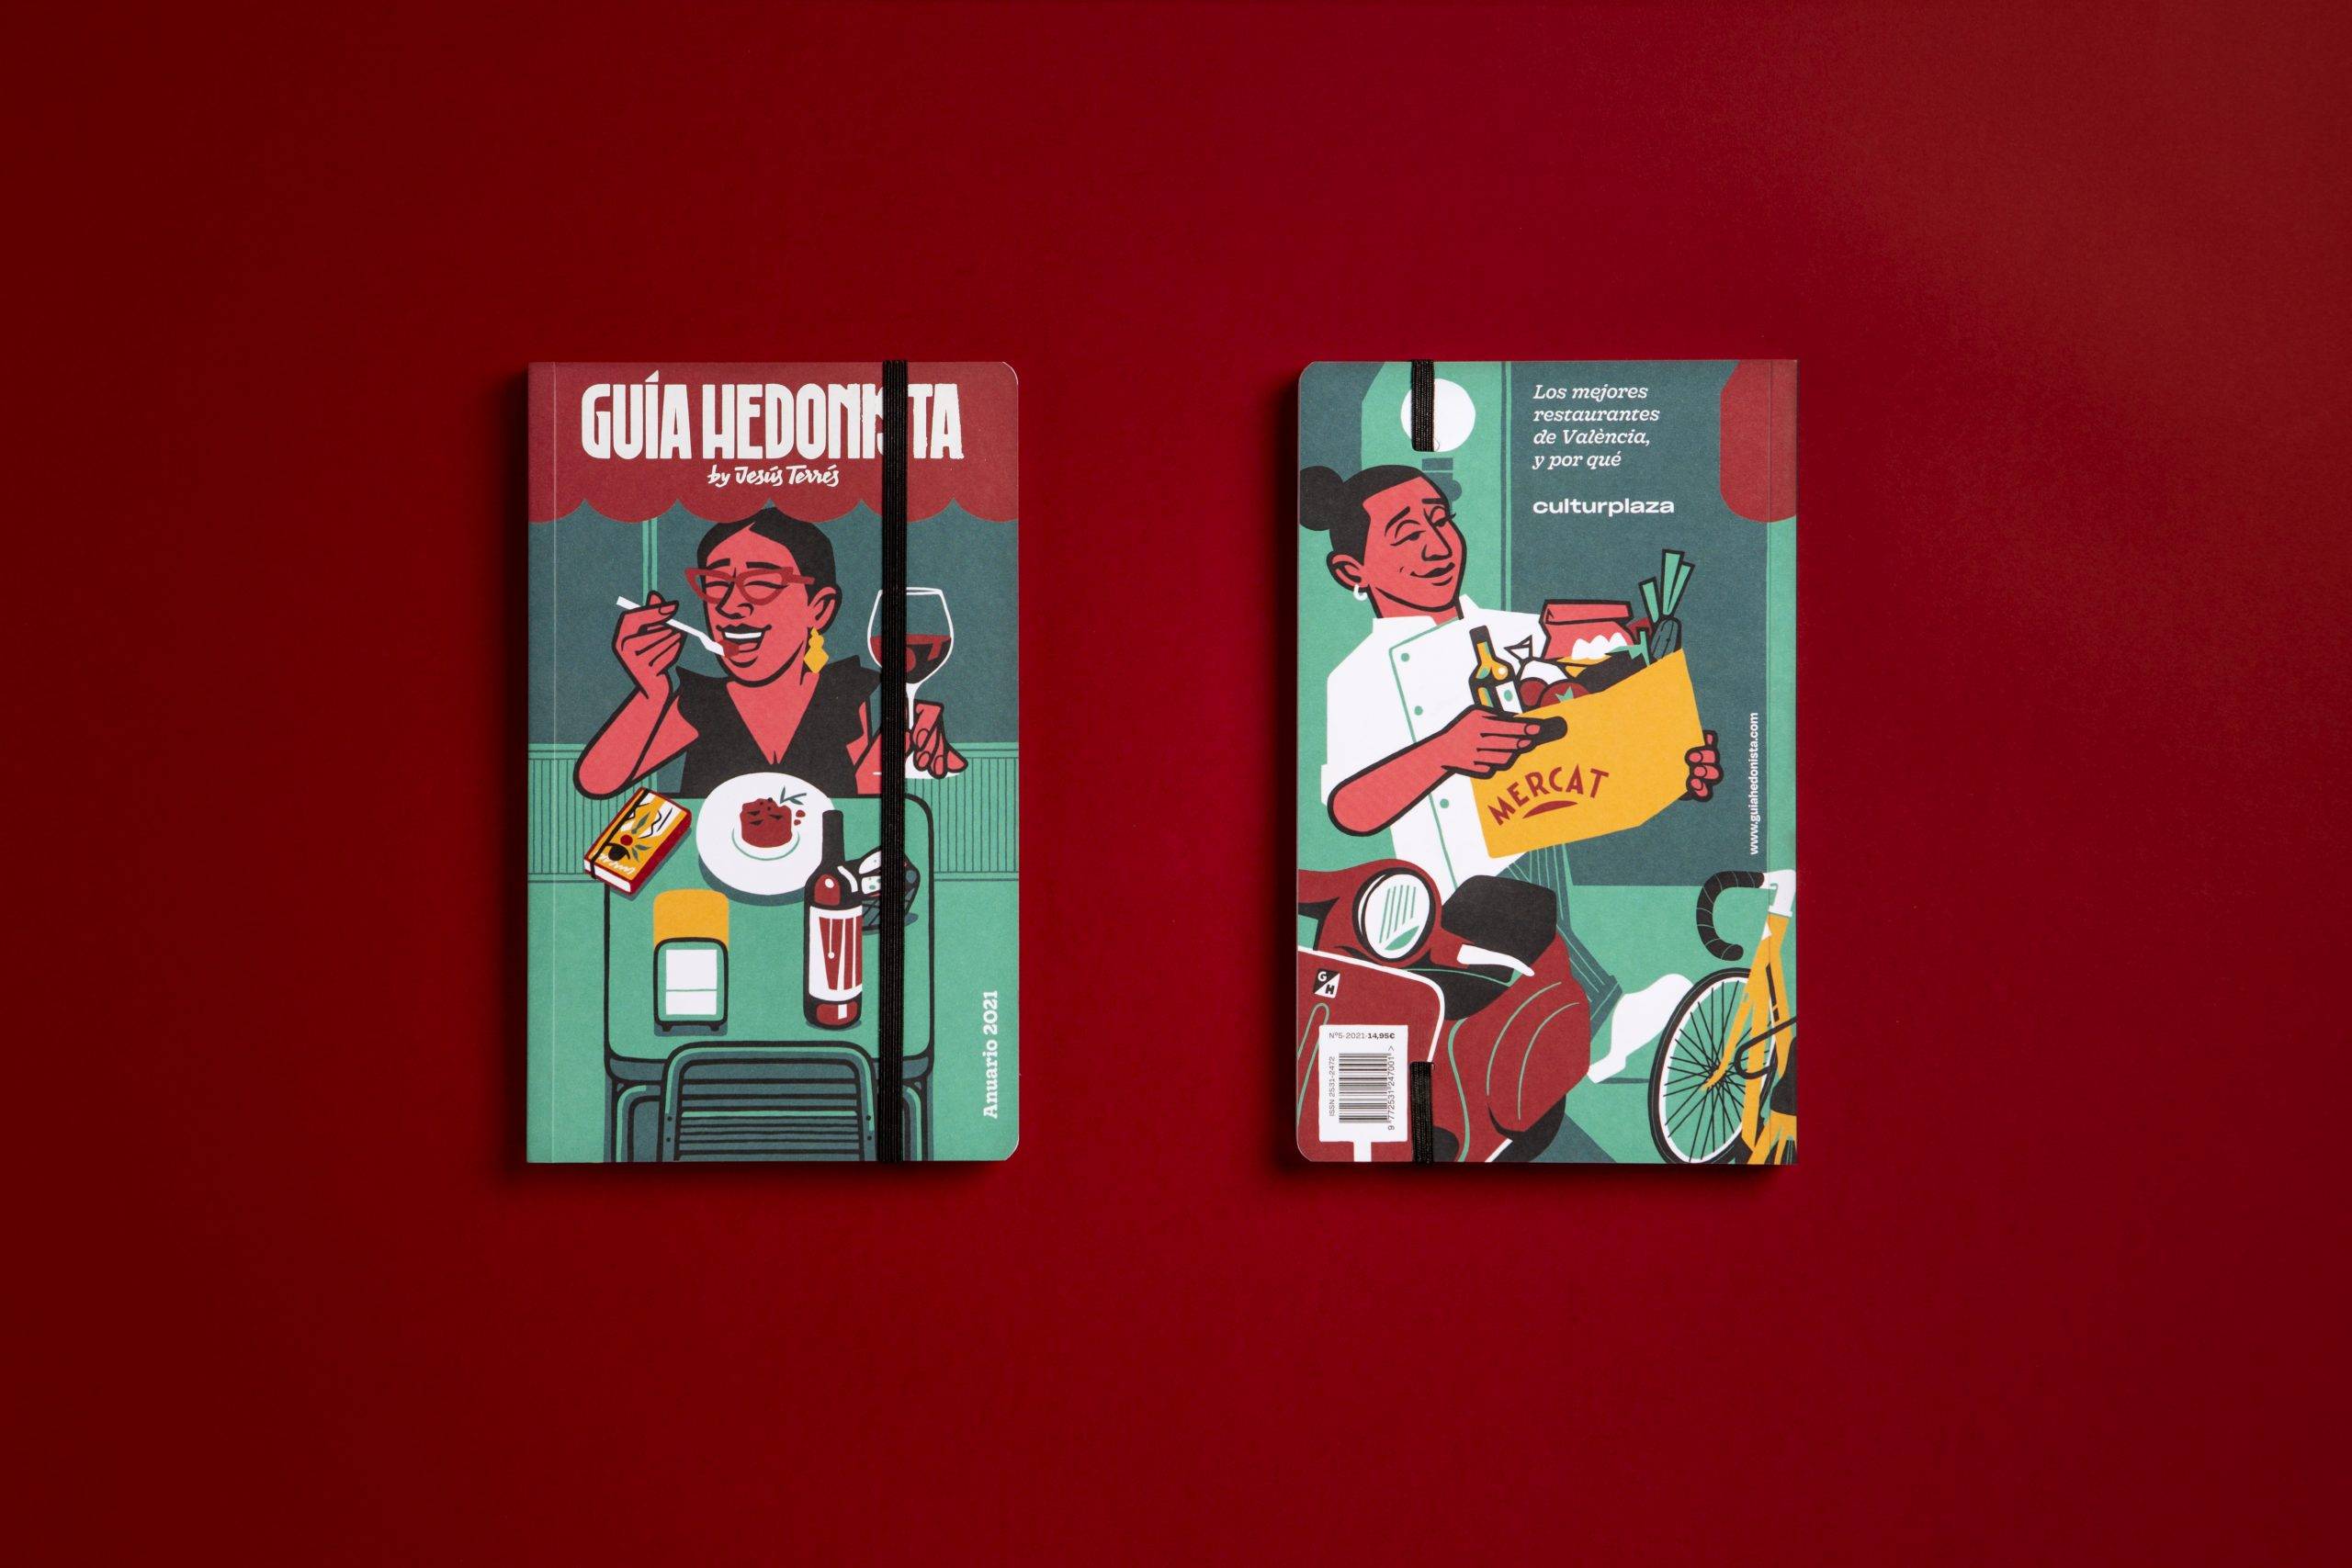 Anuario Guía Hedonista 2021